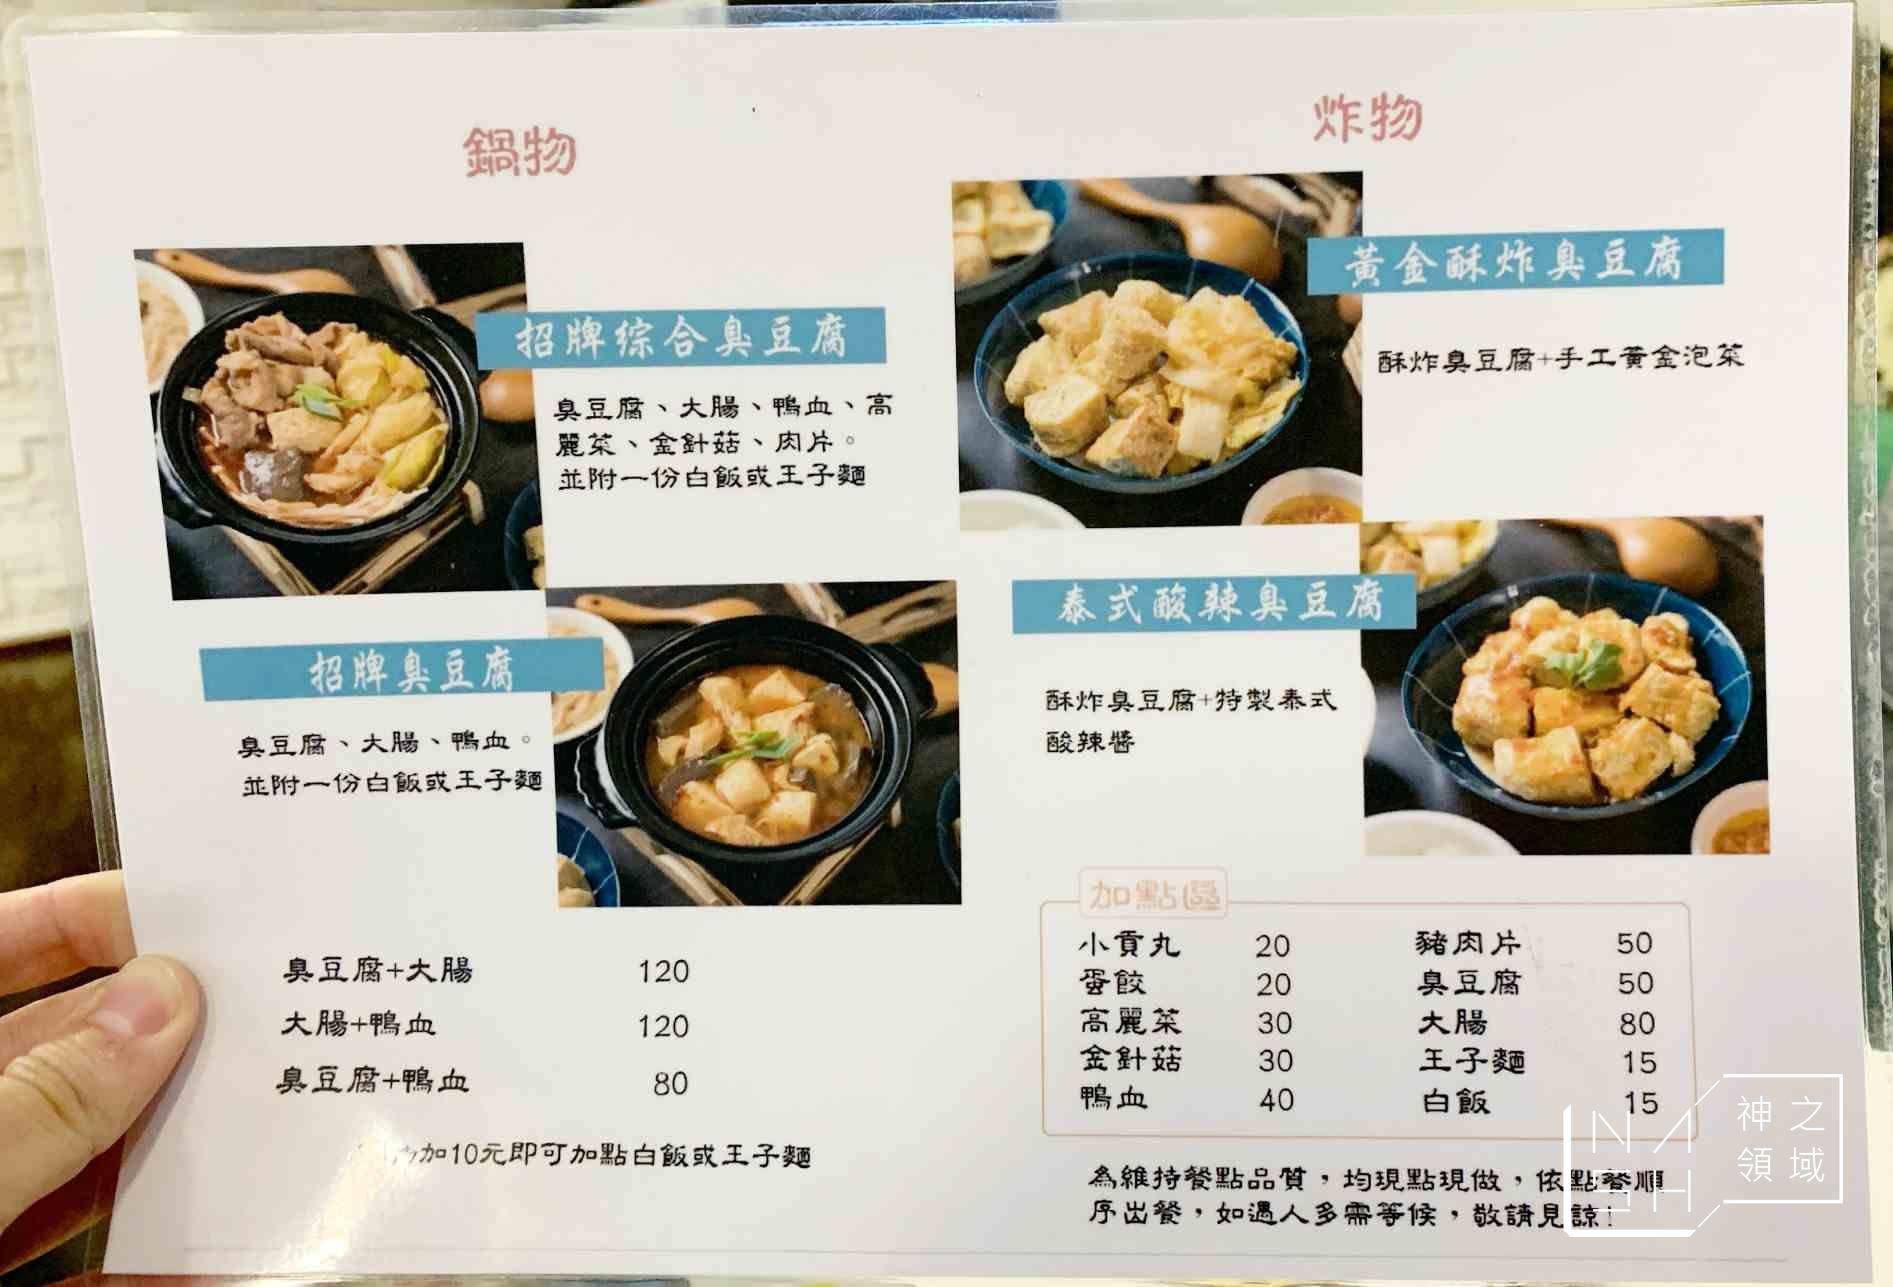 松品臭豆腐